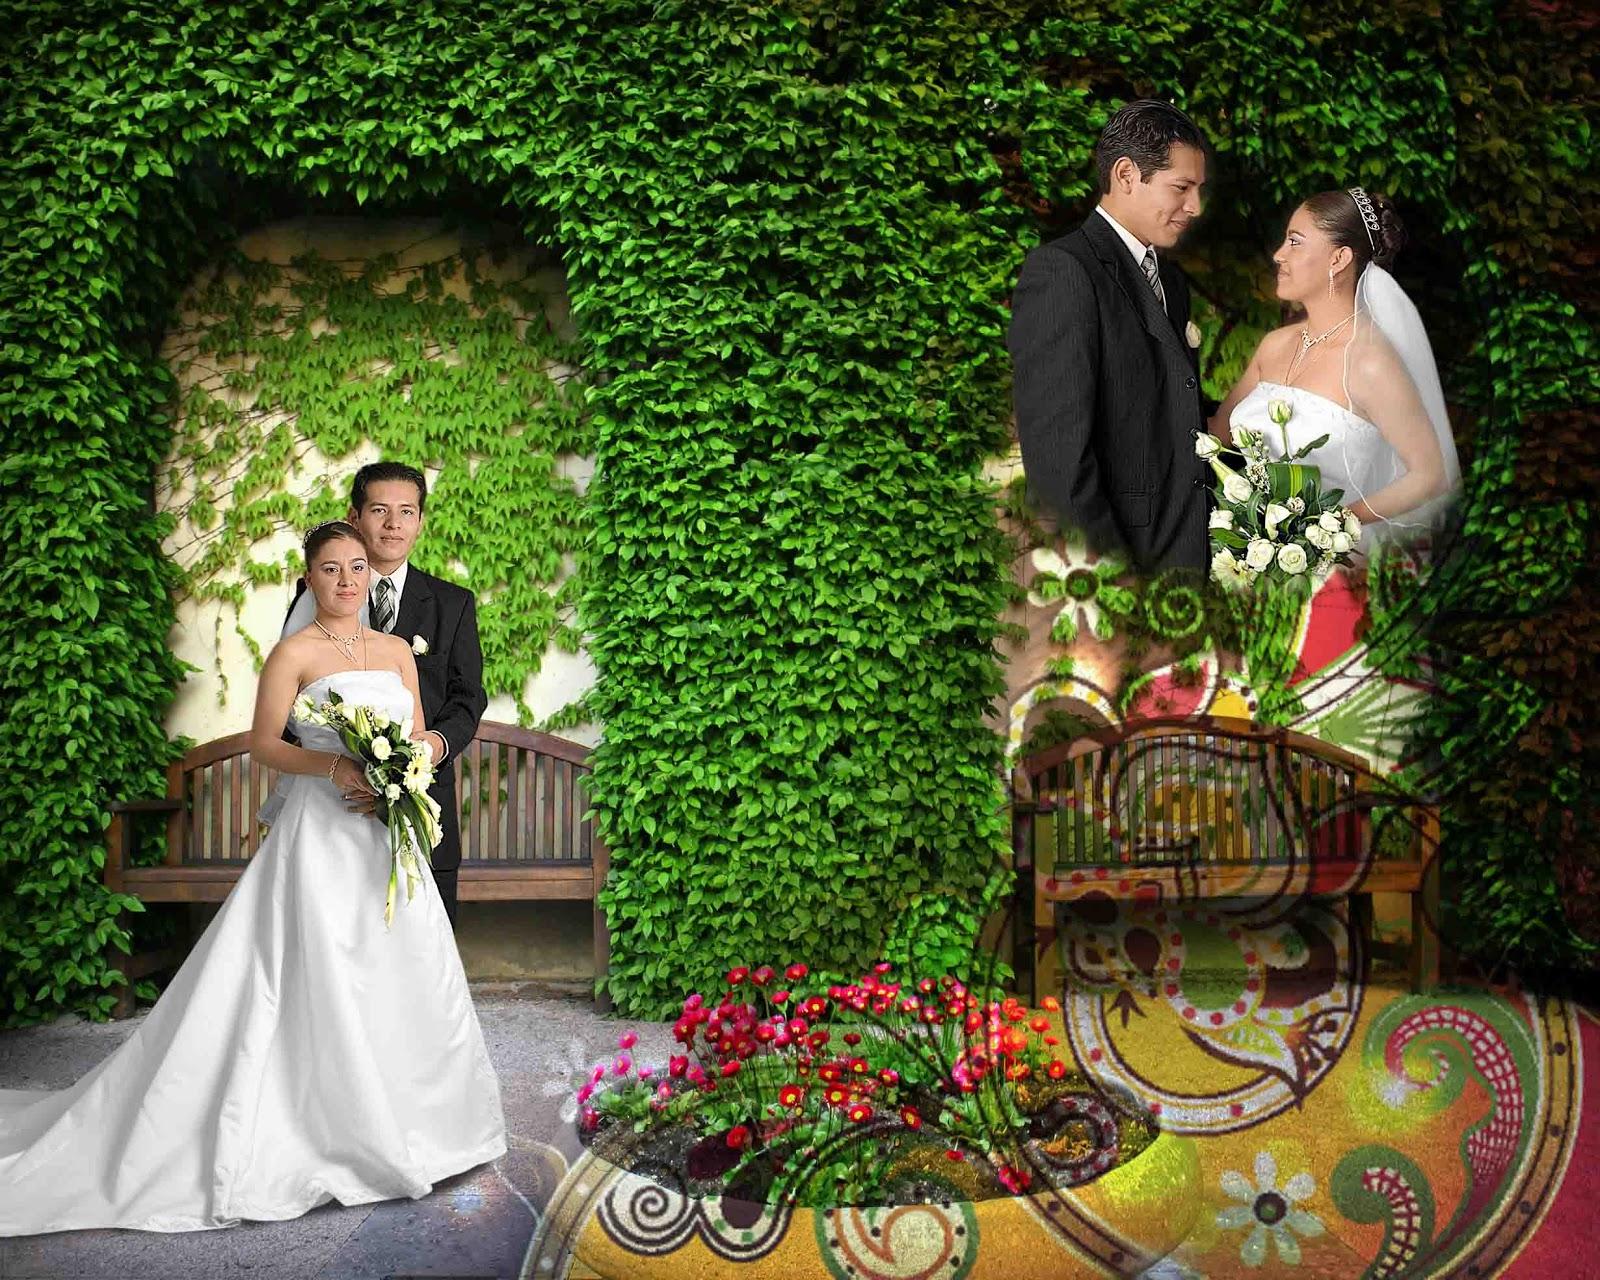 http://1.bp.blogspot.com/-YvY099Z94_o/TxIBNenLibI/AAAAAAAAAEQ/72l60qBfXxM/s1600/FONDOpara+boda+en+PSD.jpg